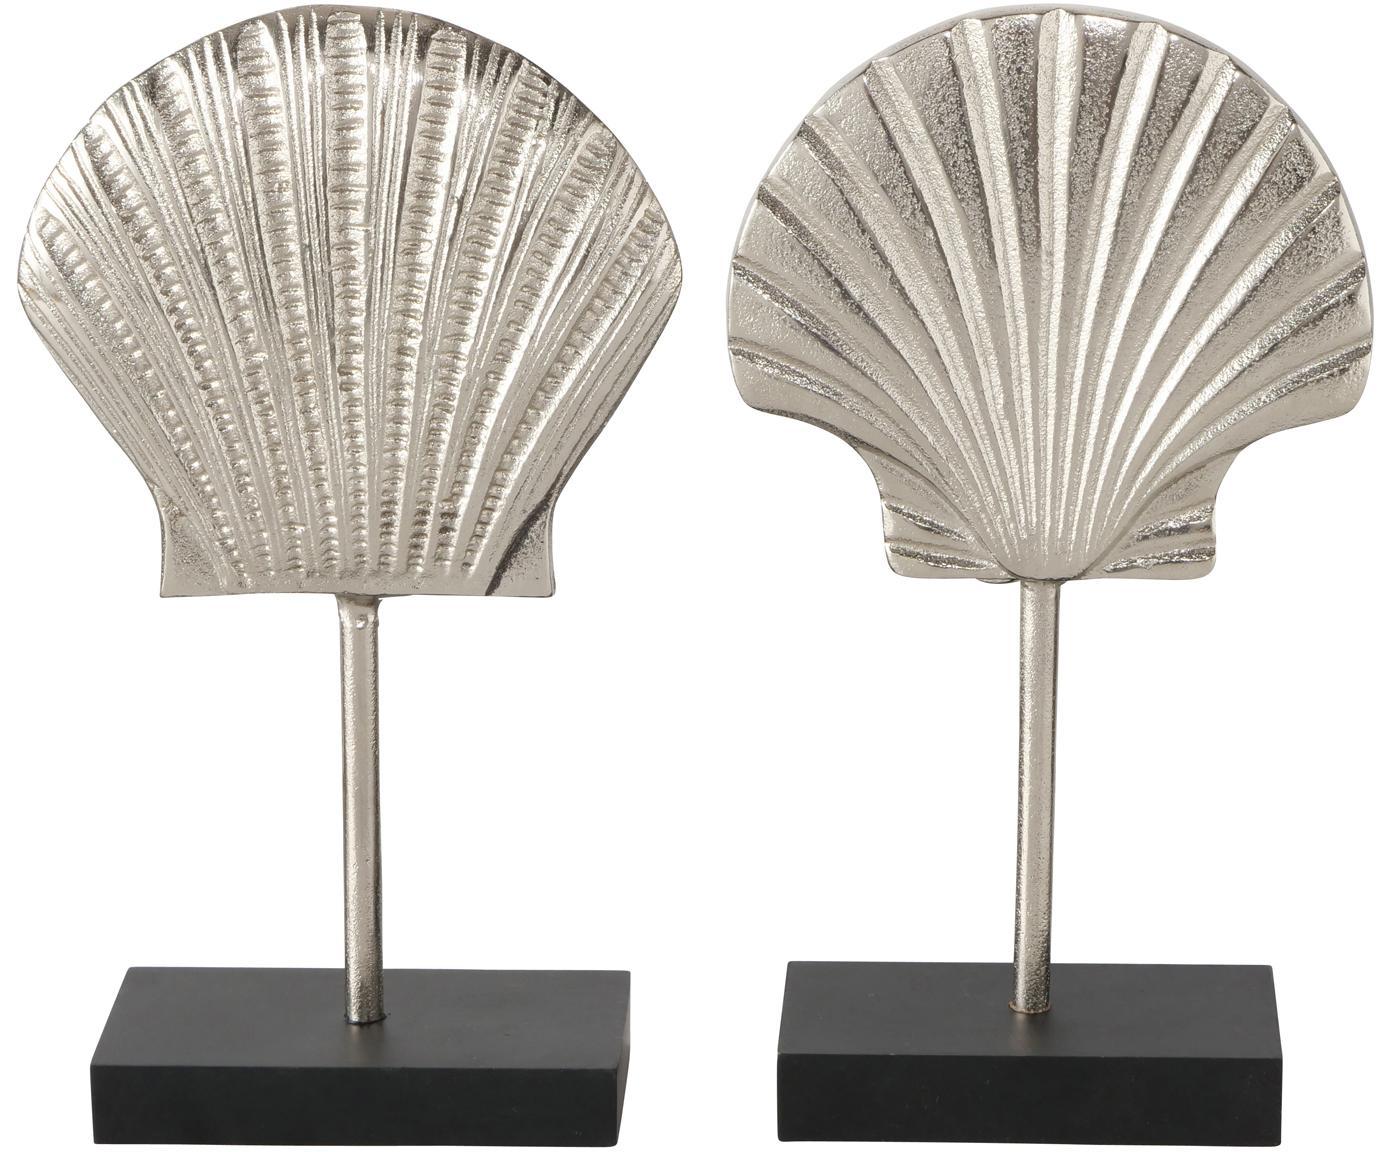 Komplet dekoracji Emmi, 2 elem., Aluminium, drewno naturalne, Odcienie srebrnego, S 13 x W 27 cm